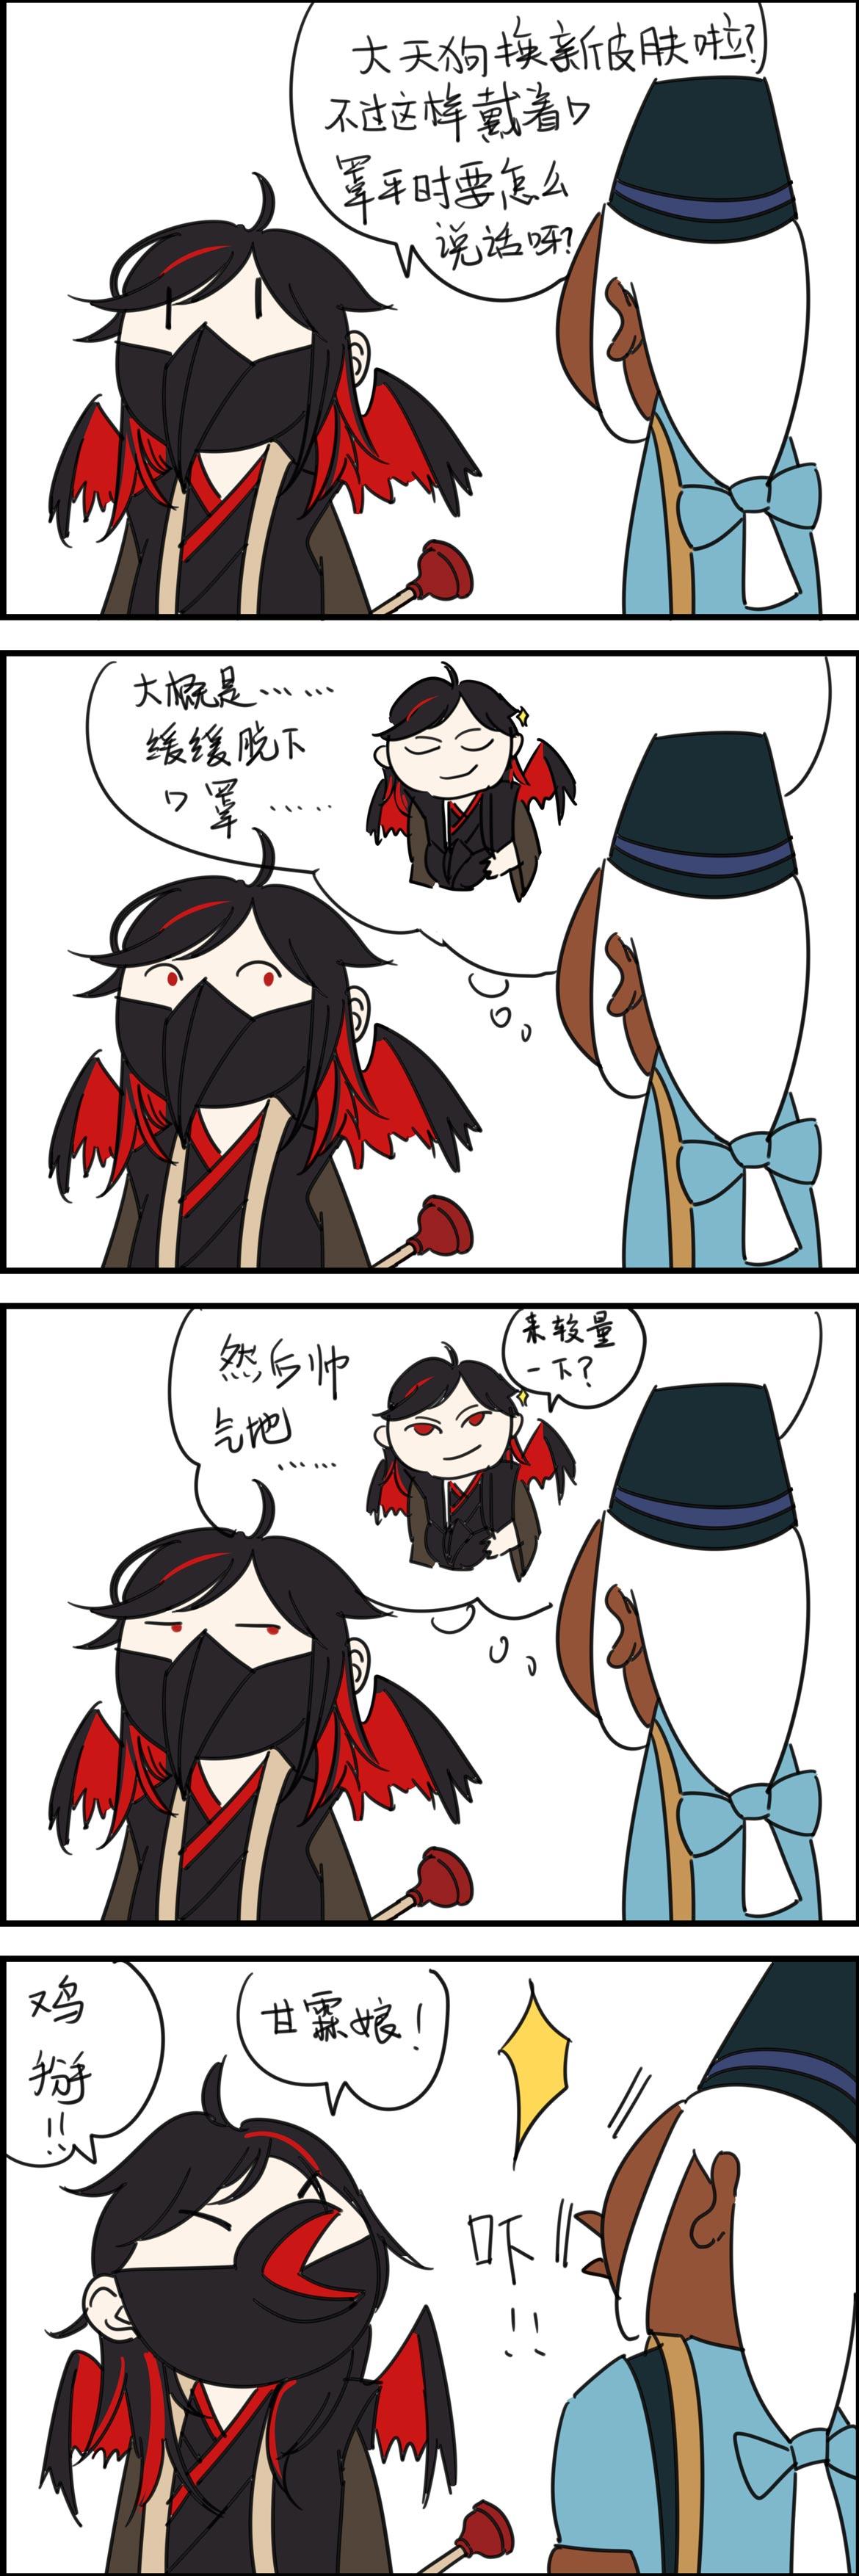 大天狗新皮肤.jpg